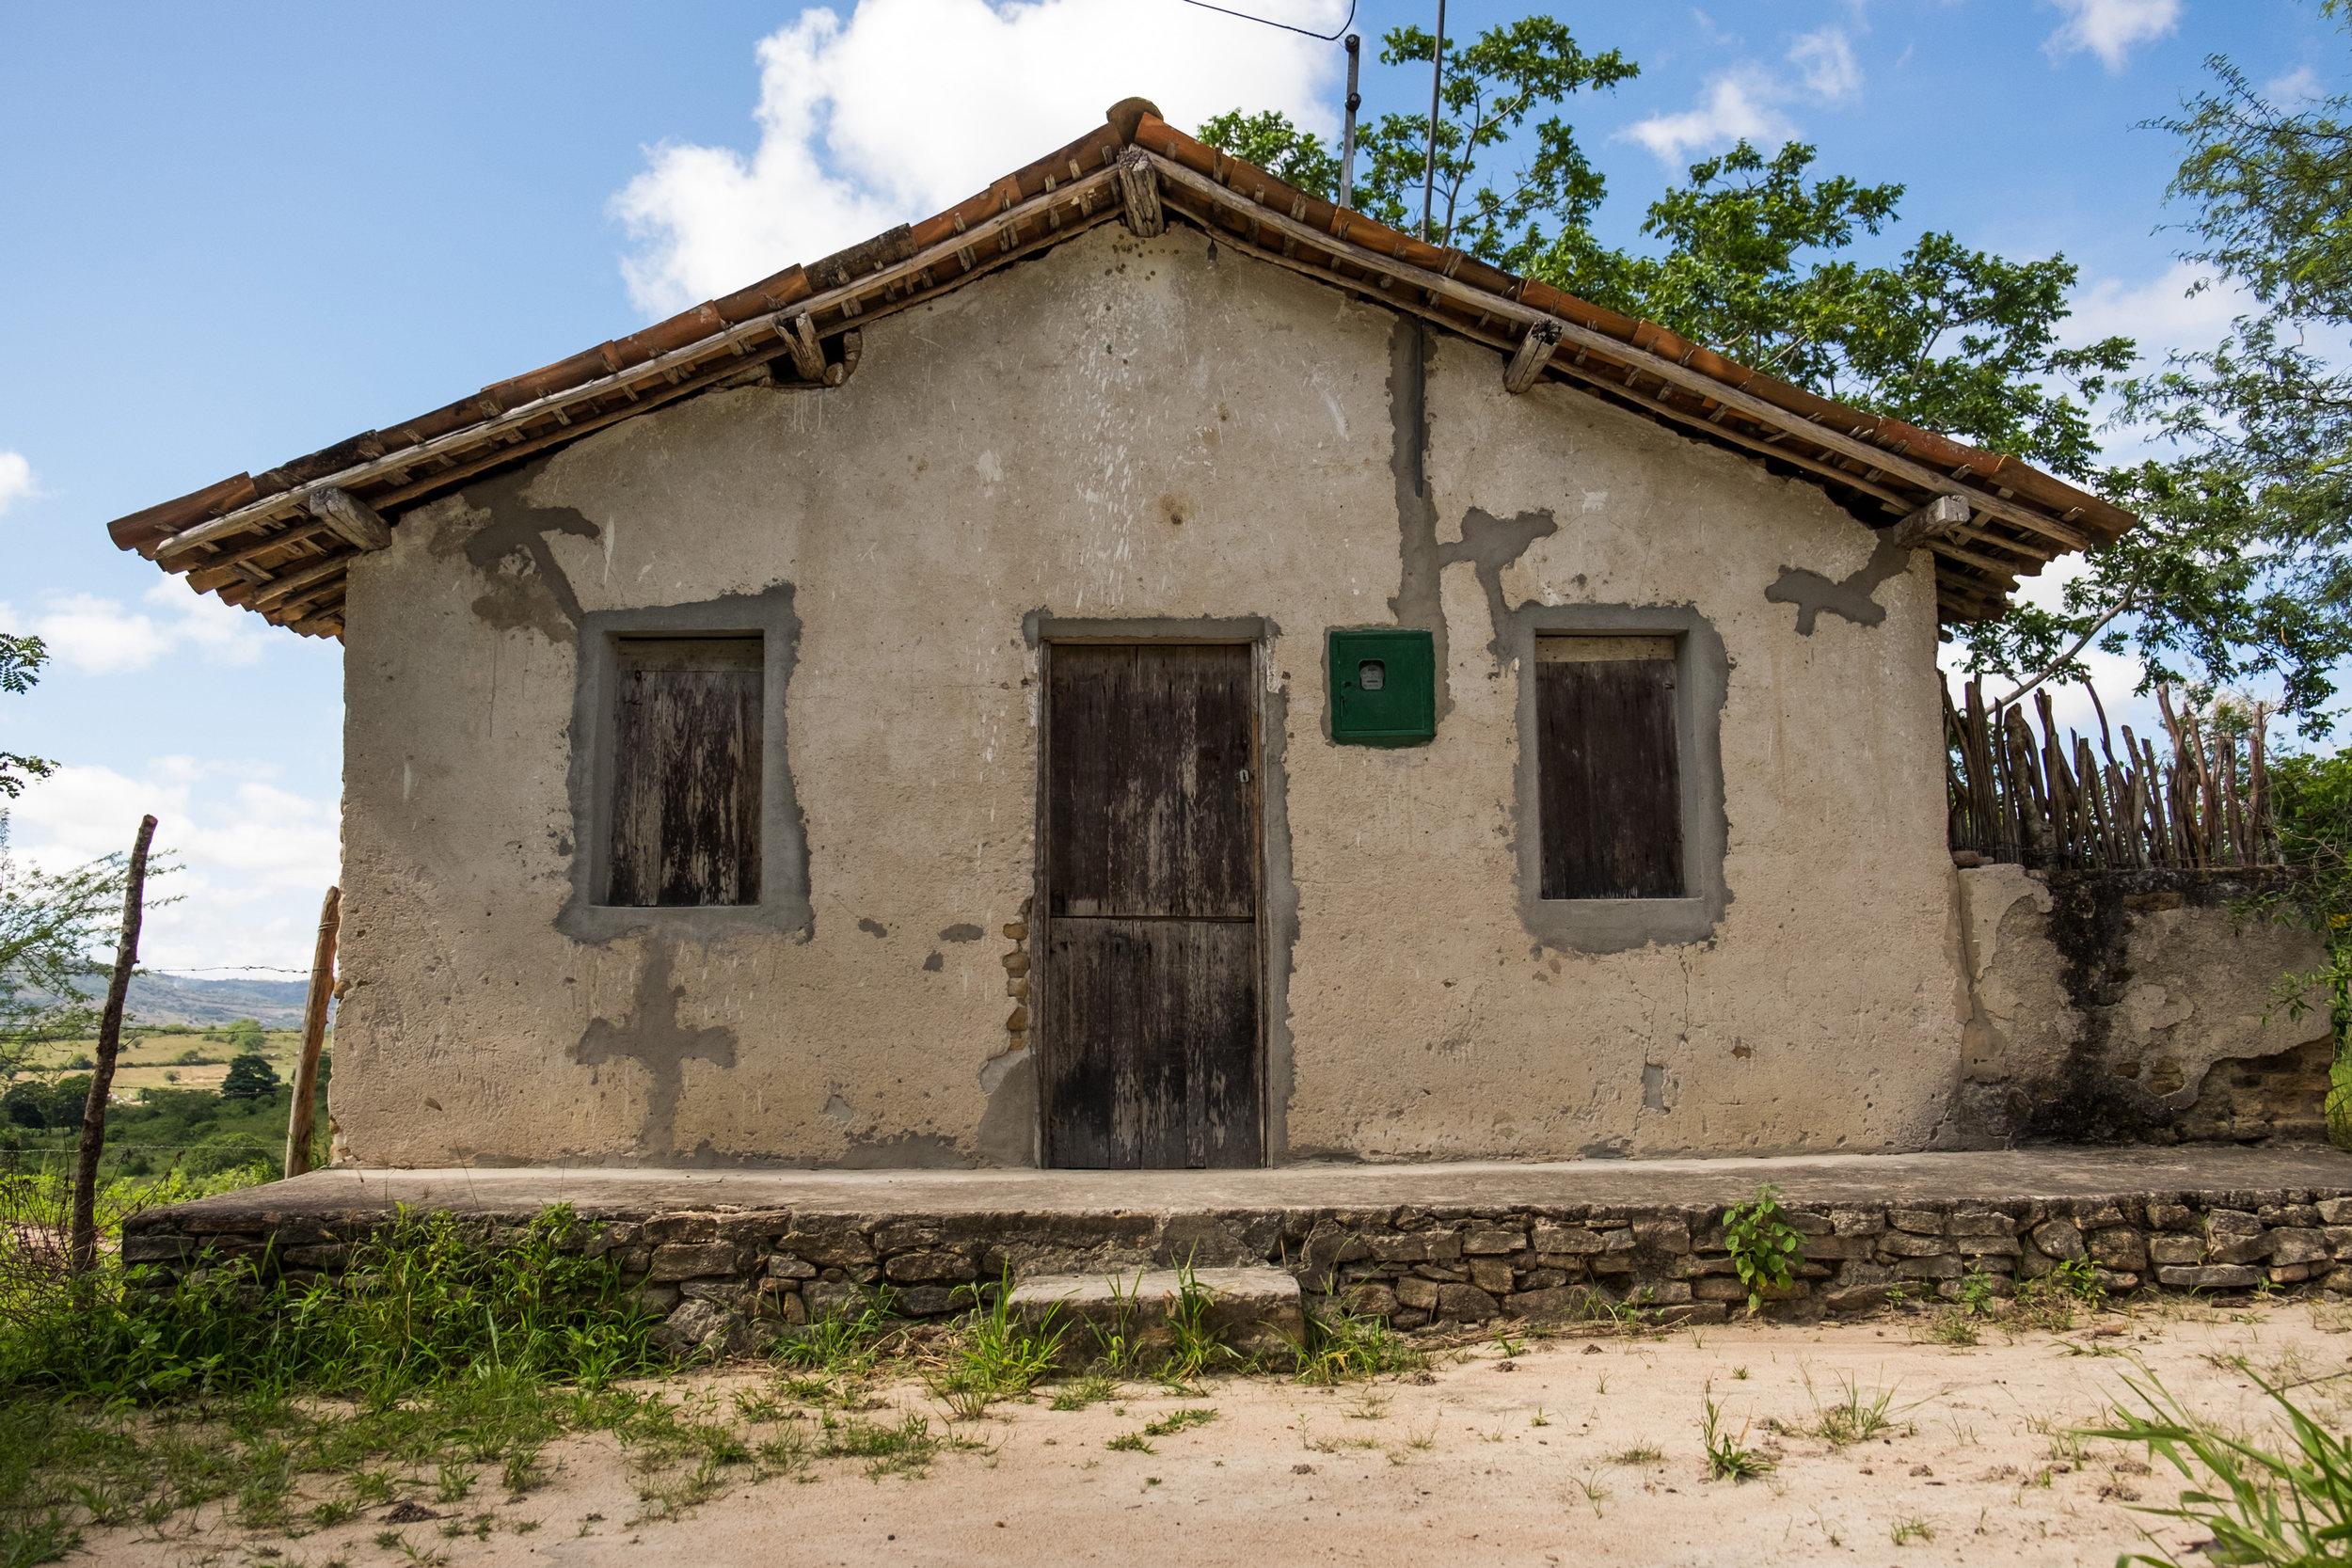 Casa em Pau Ferro , Pau Ferro-PE, 2016